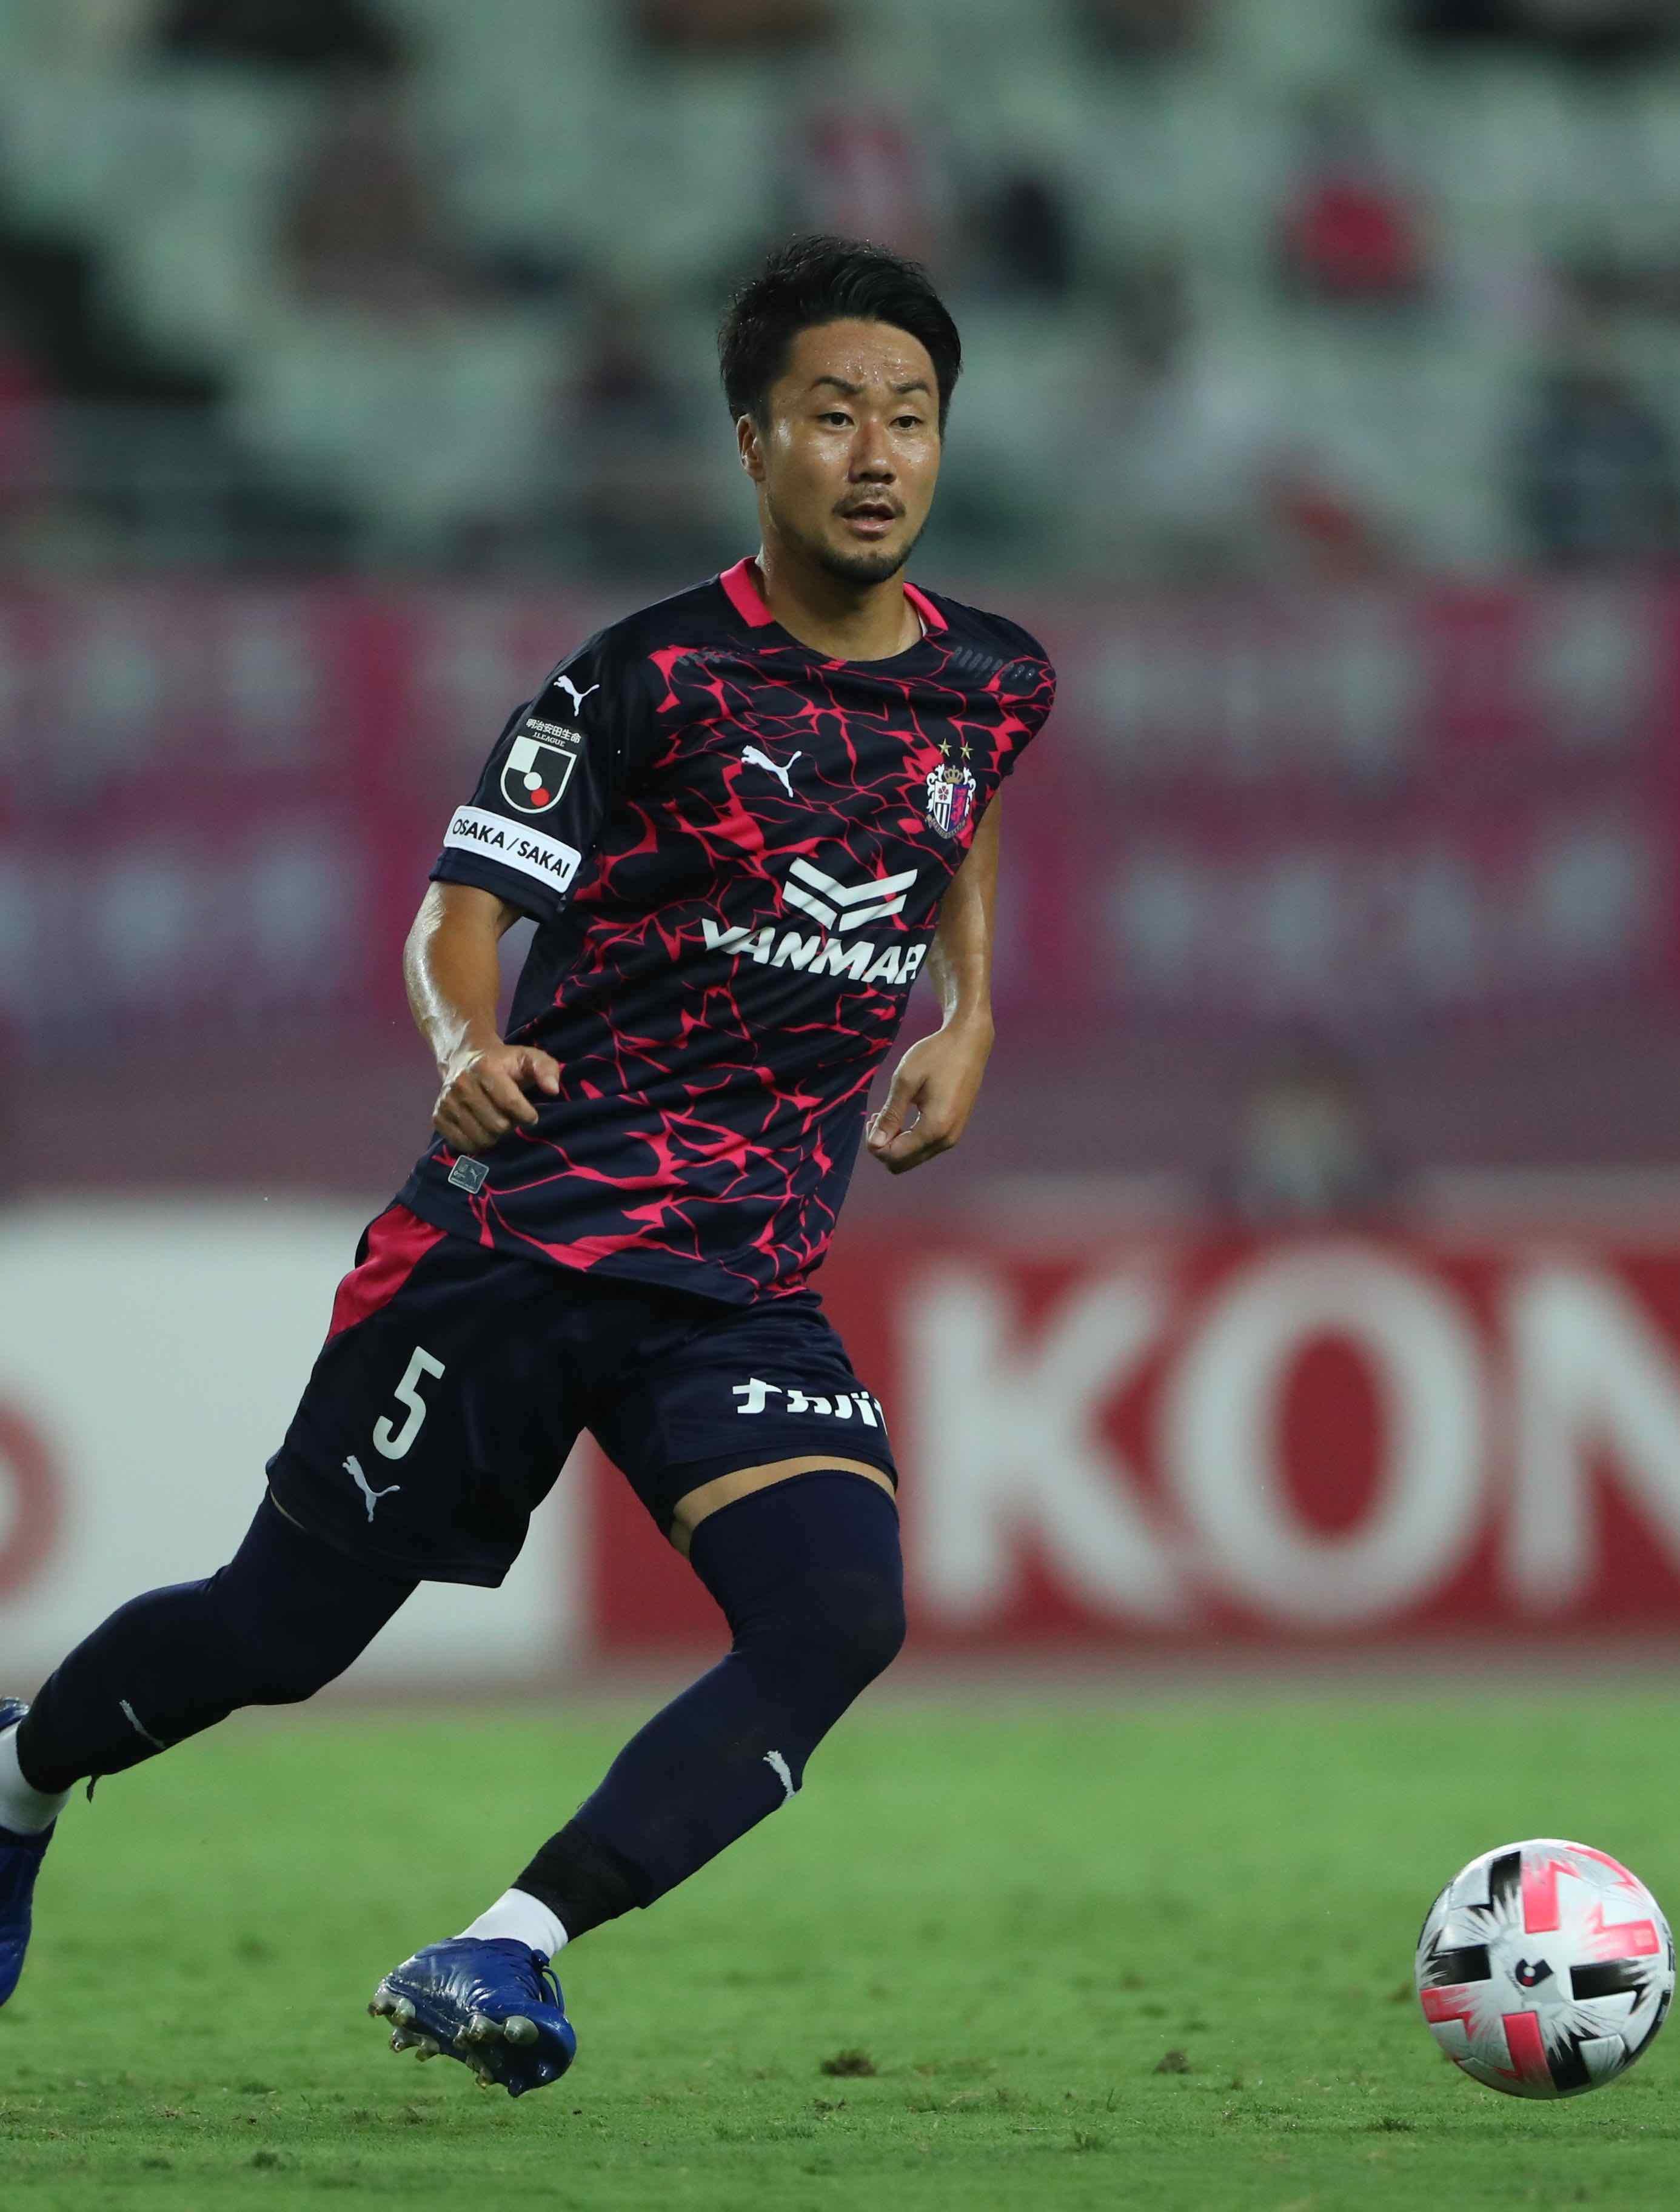 【本人直筆サイン入り公式】セレッソ大阪2020限定ユニフォーム 5 藤田直之 選手